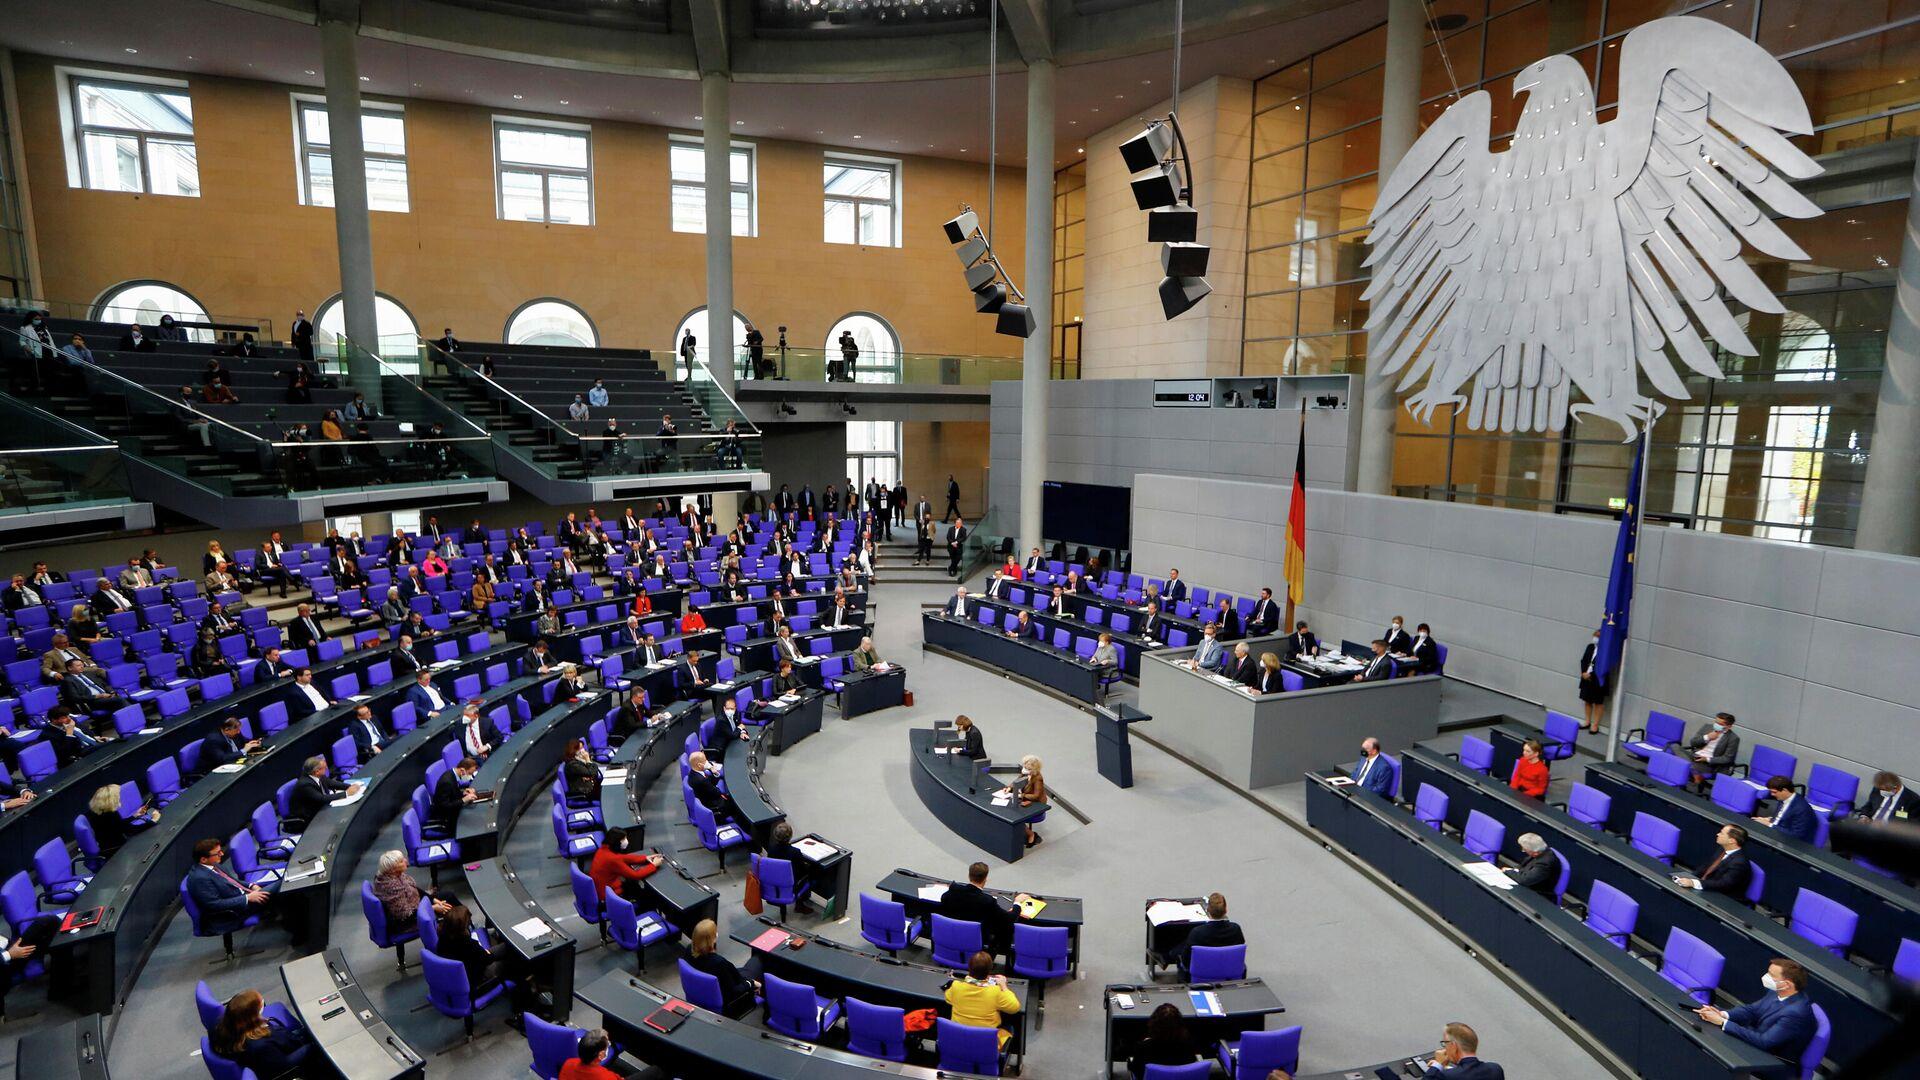 Sitzung des deutschen Bundestags (Archivbild) - SNA, 1920, 05.03.2021